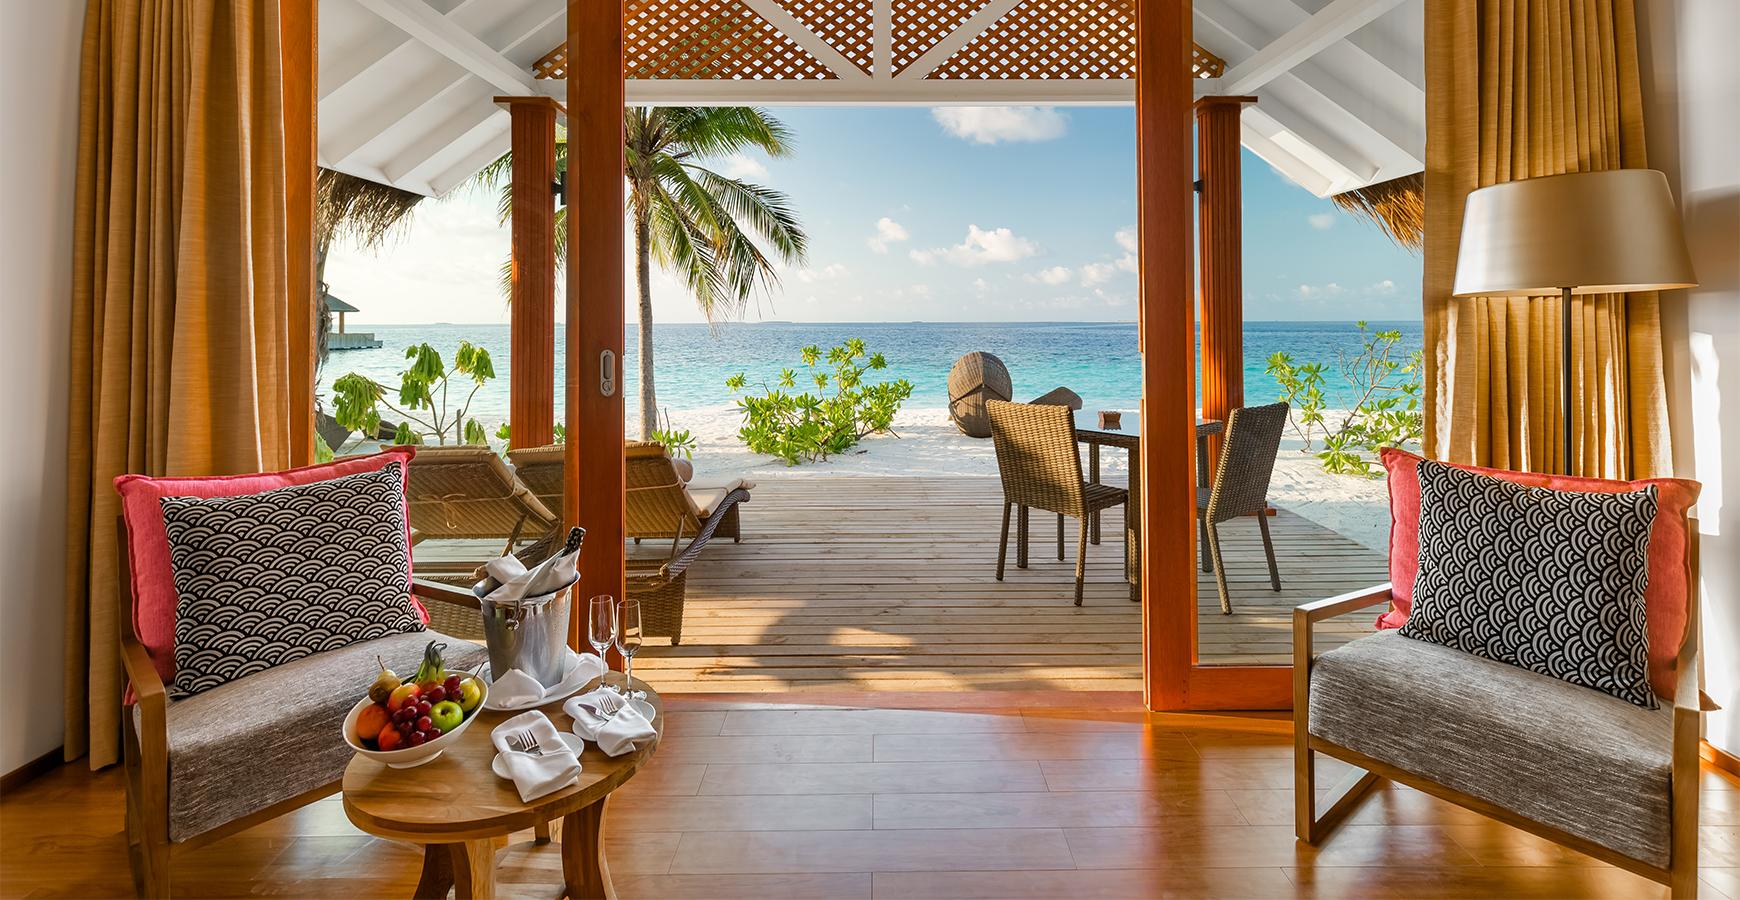 חדר פונה לים - מלון במלדיביים